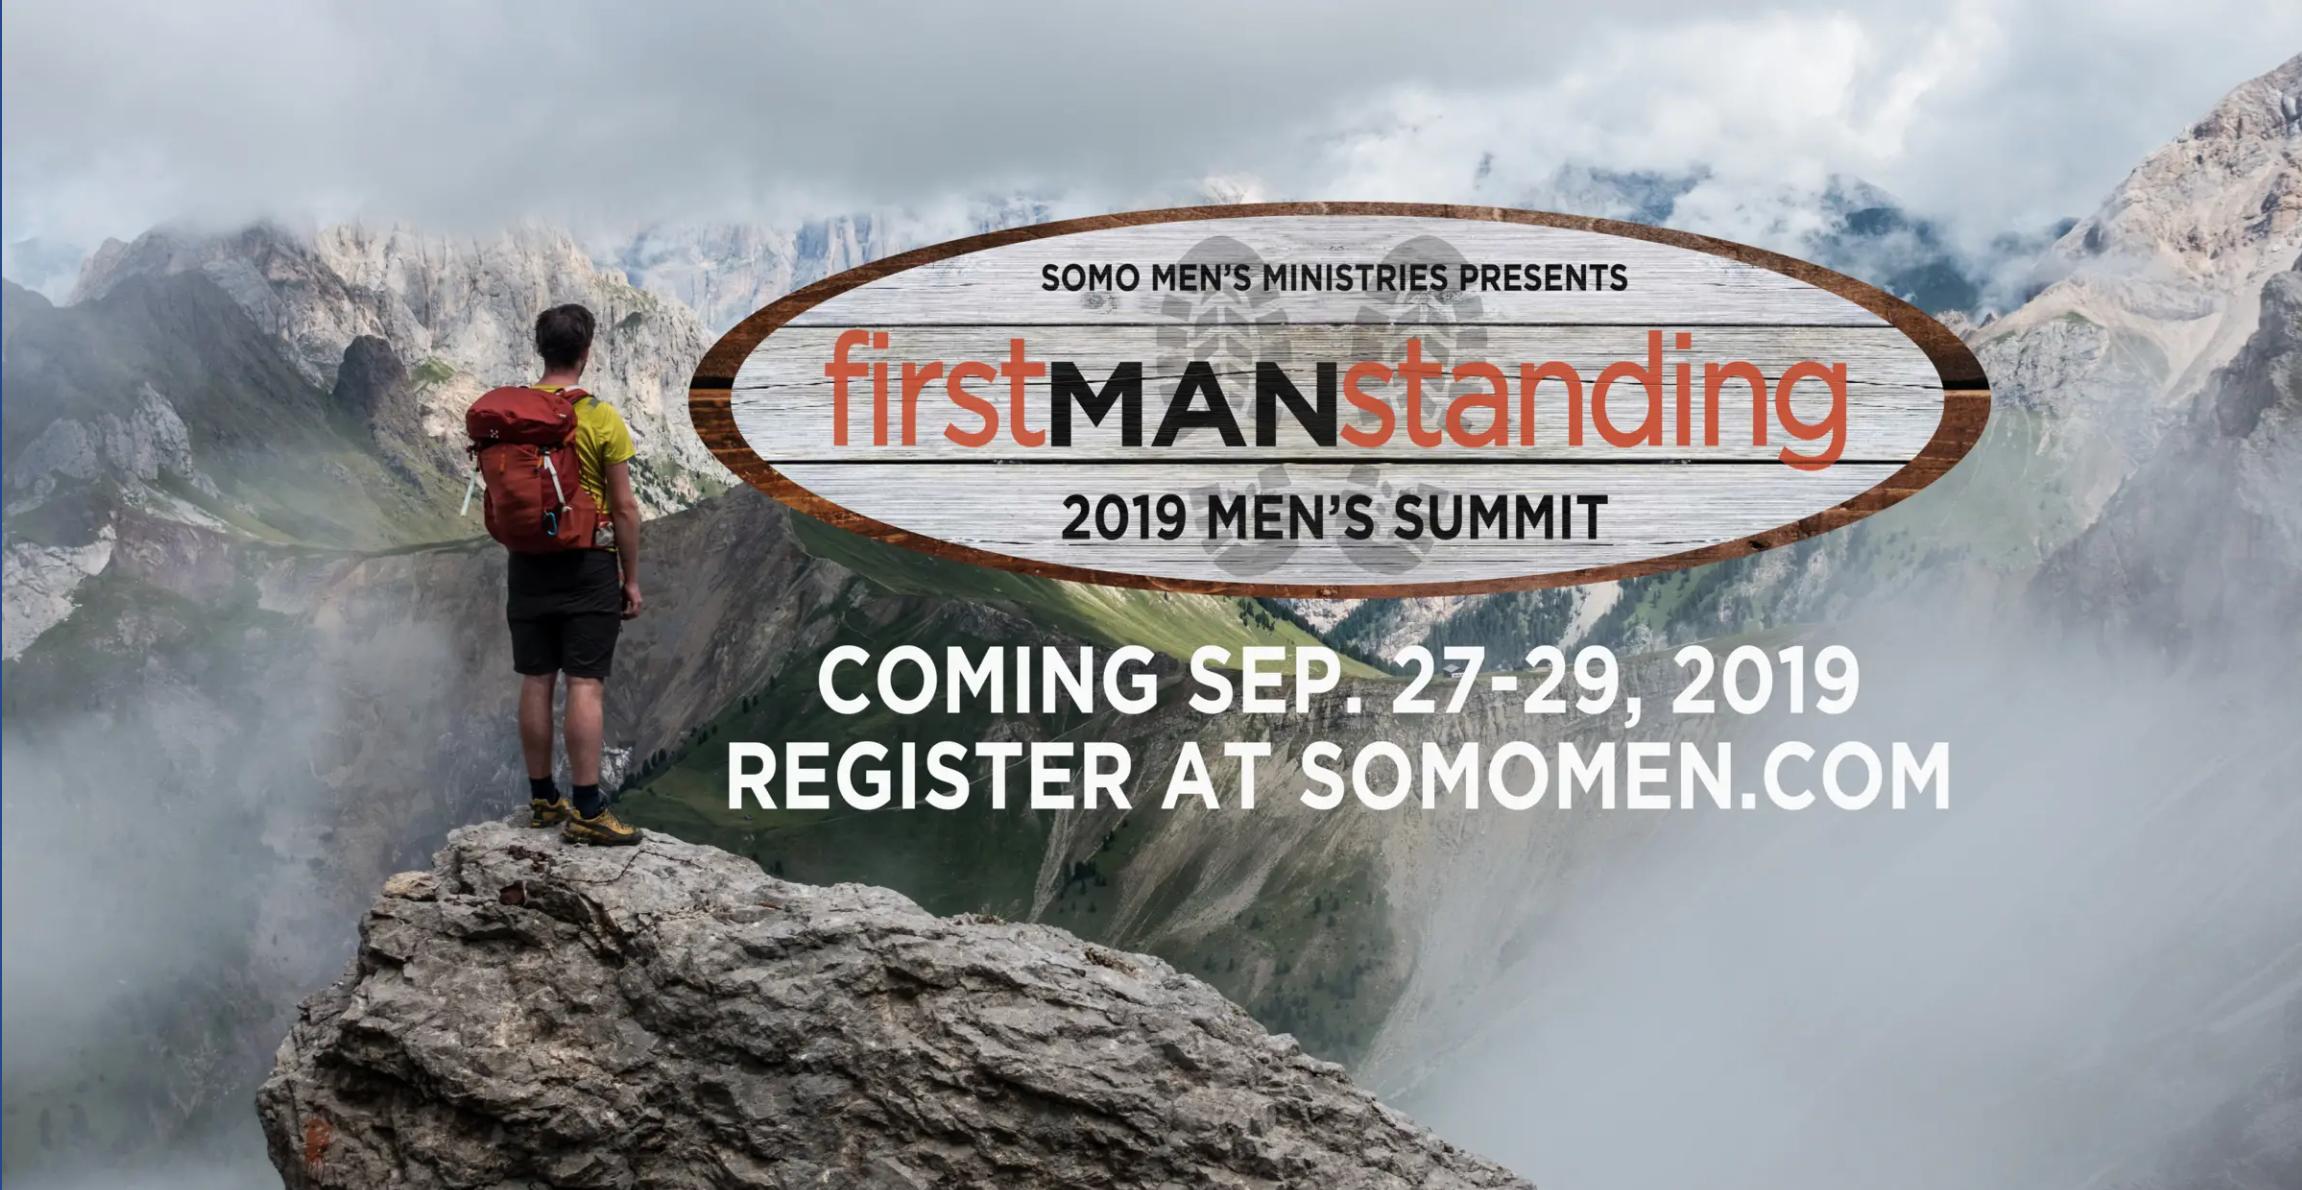 2019 Men's Summit